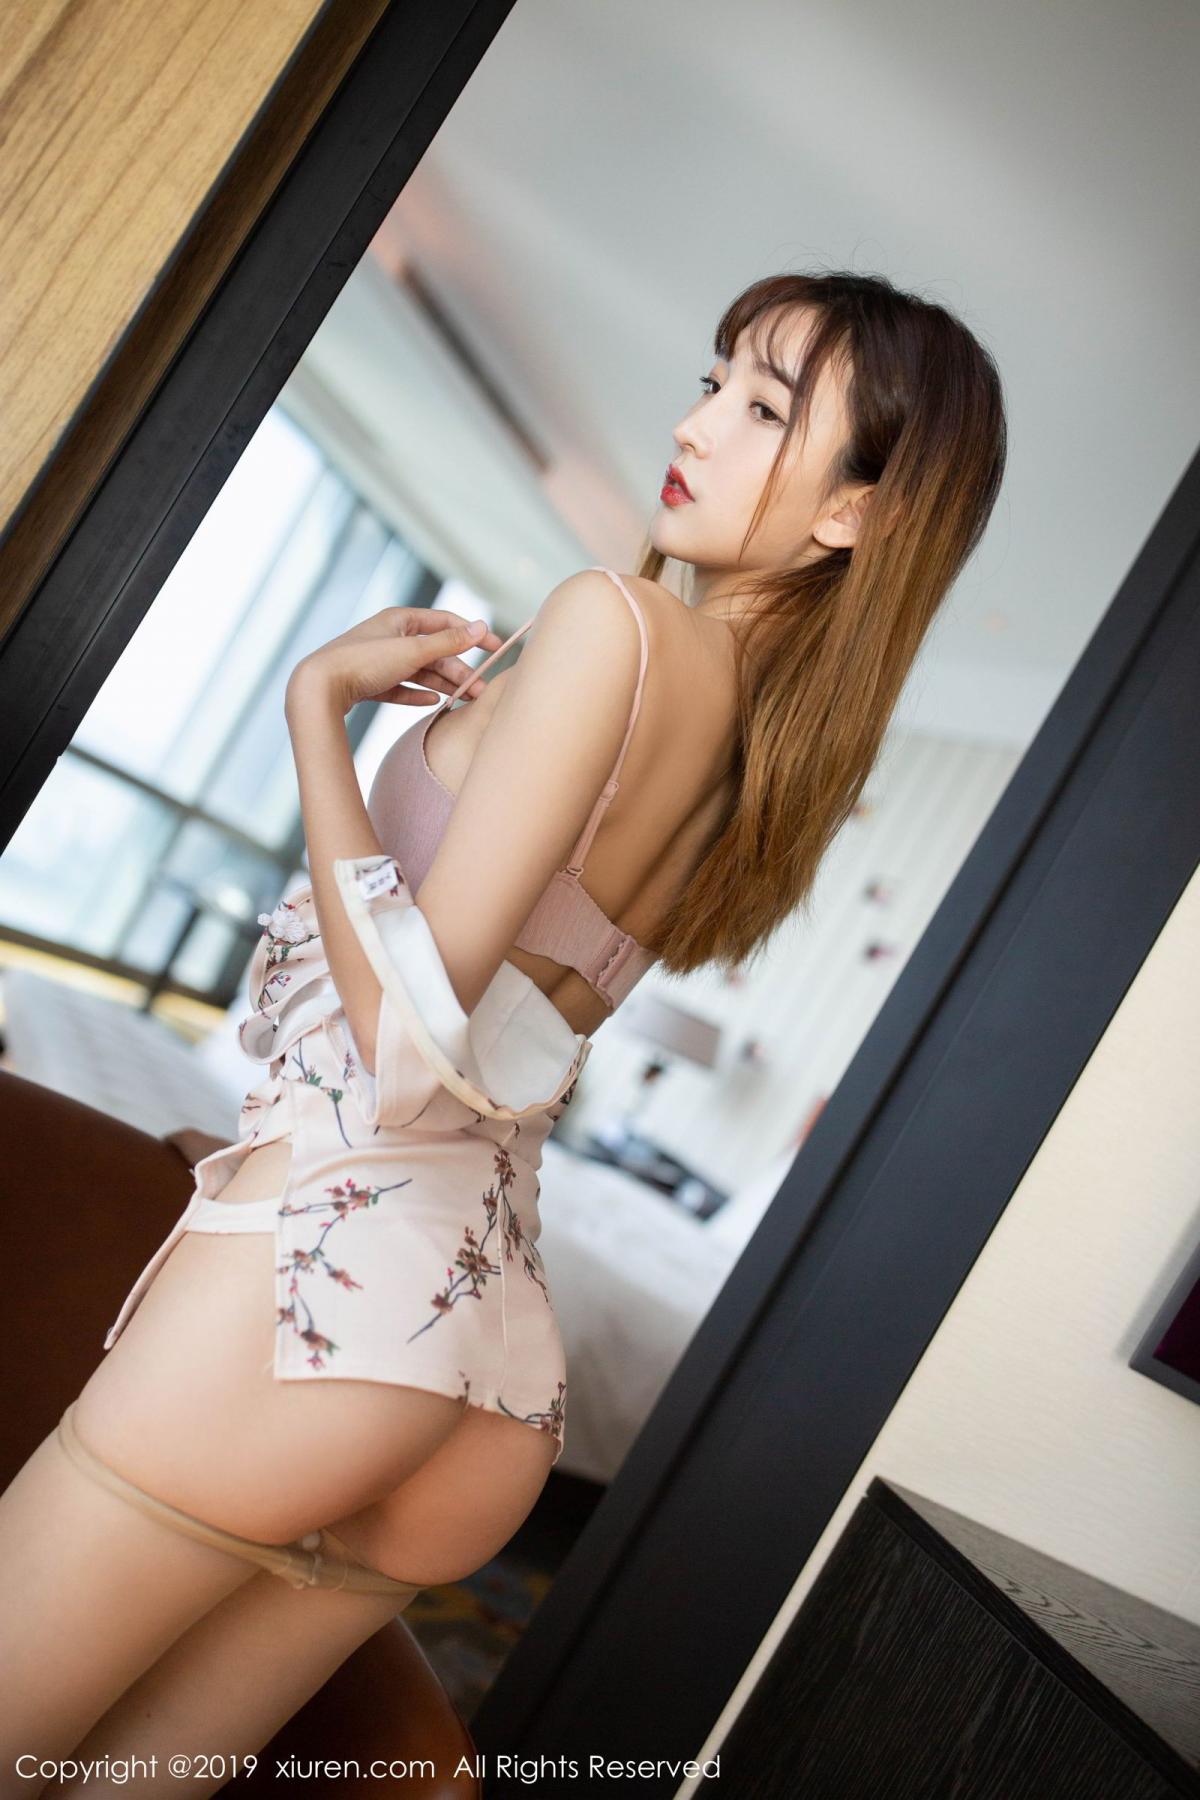 [XiuRen] Vol.1737 Lu Xuan Xuan 2 32P, Cheongsam, Lu Xuan Xuan, Underwear, Xiuren